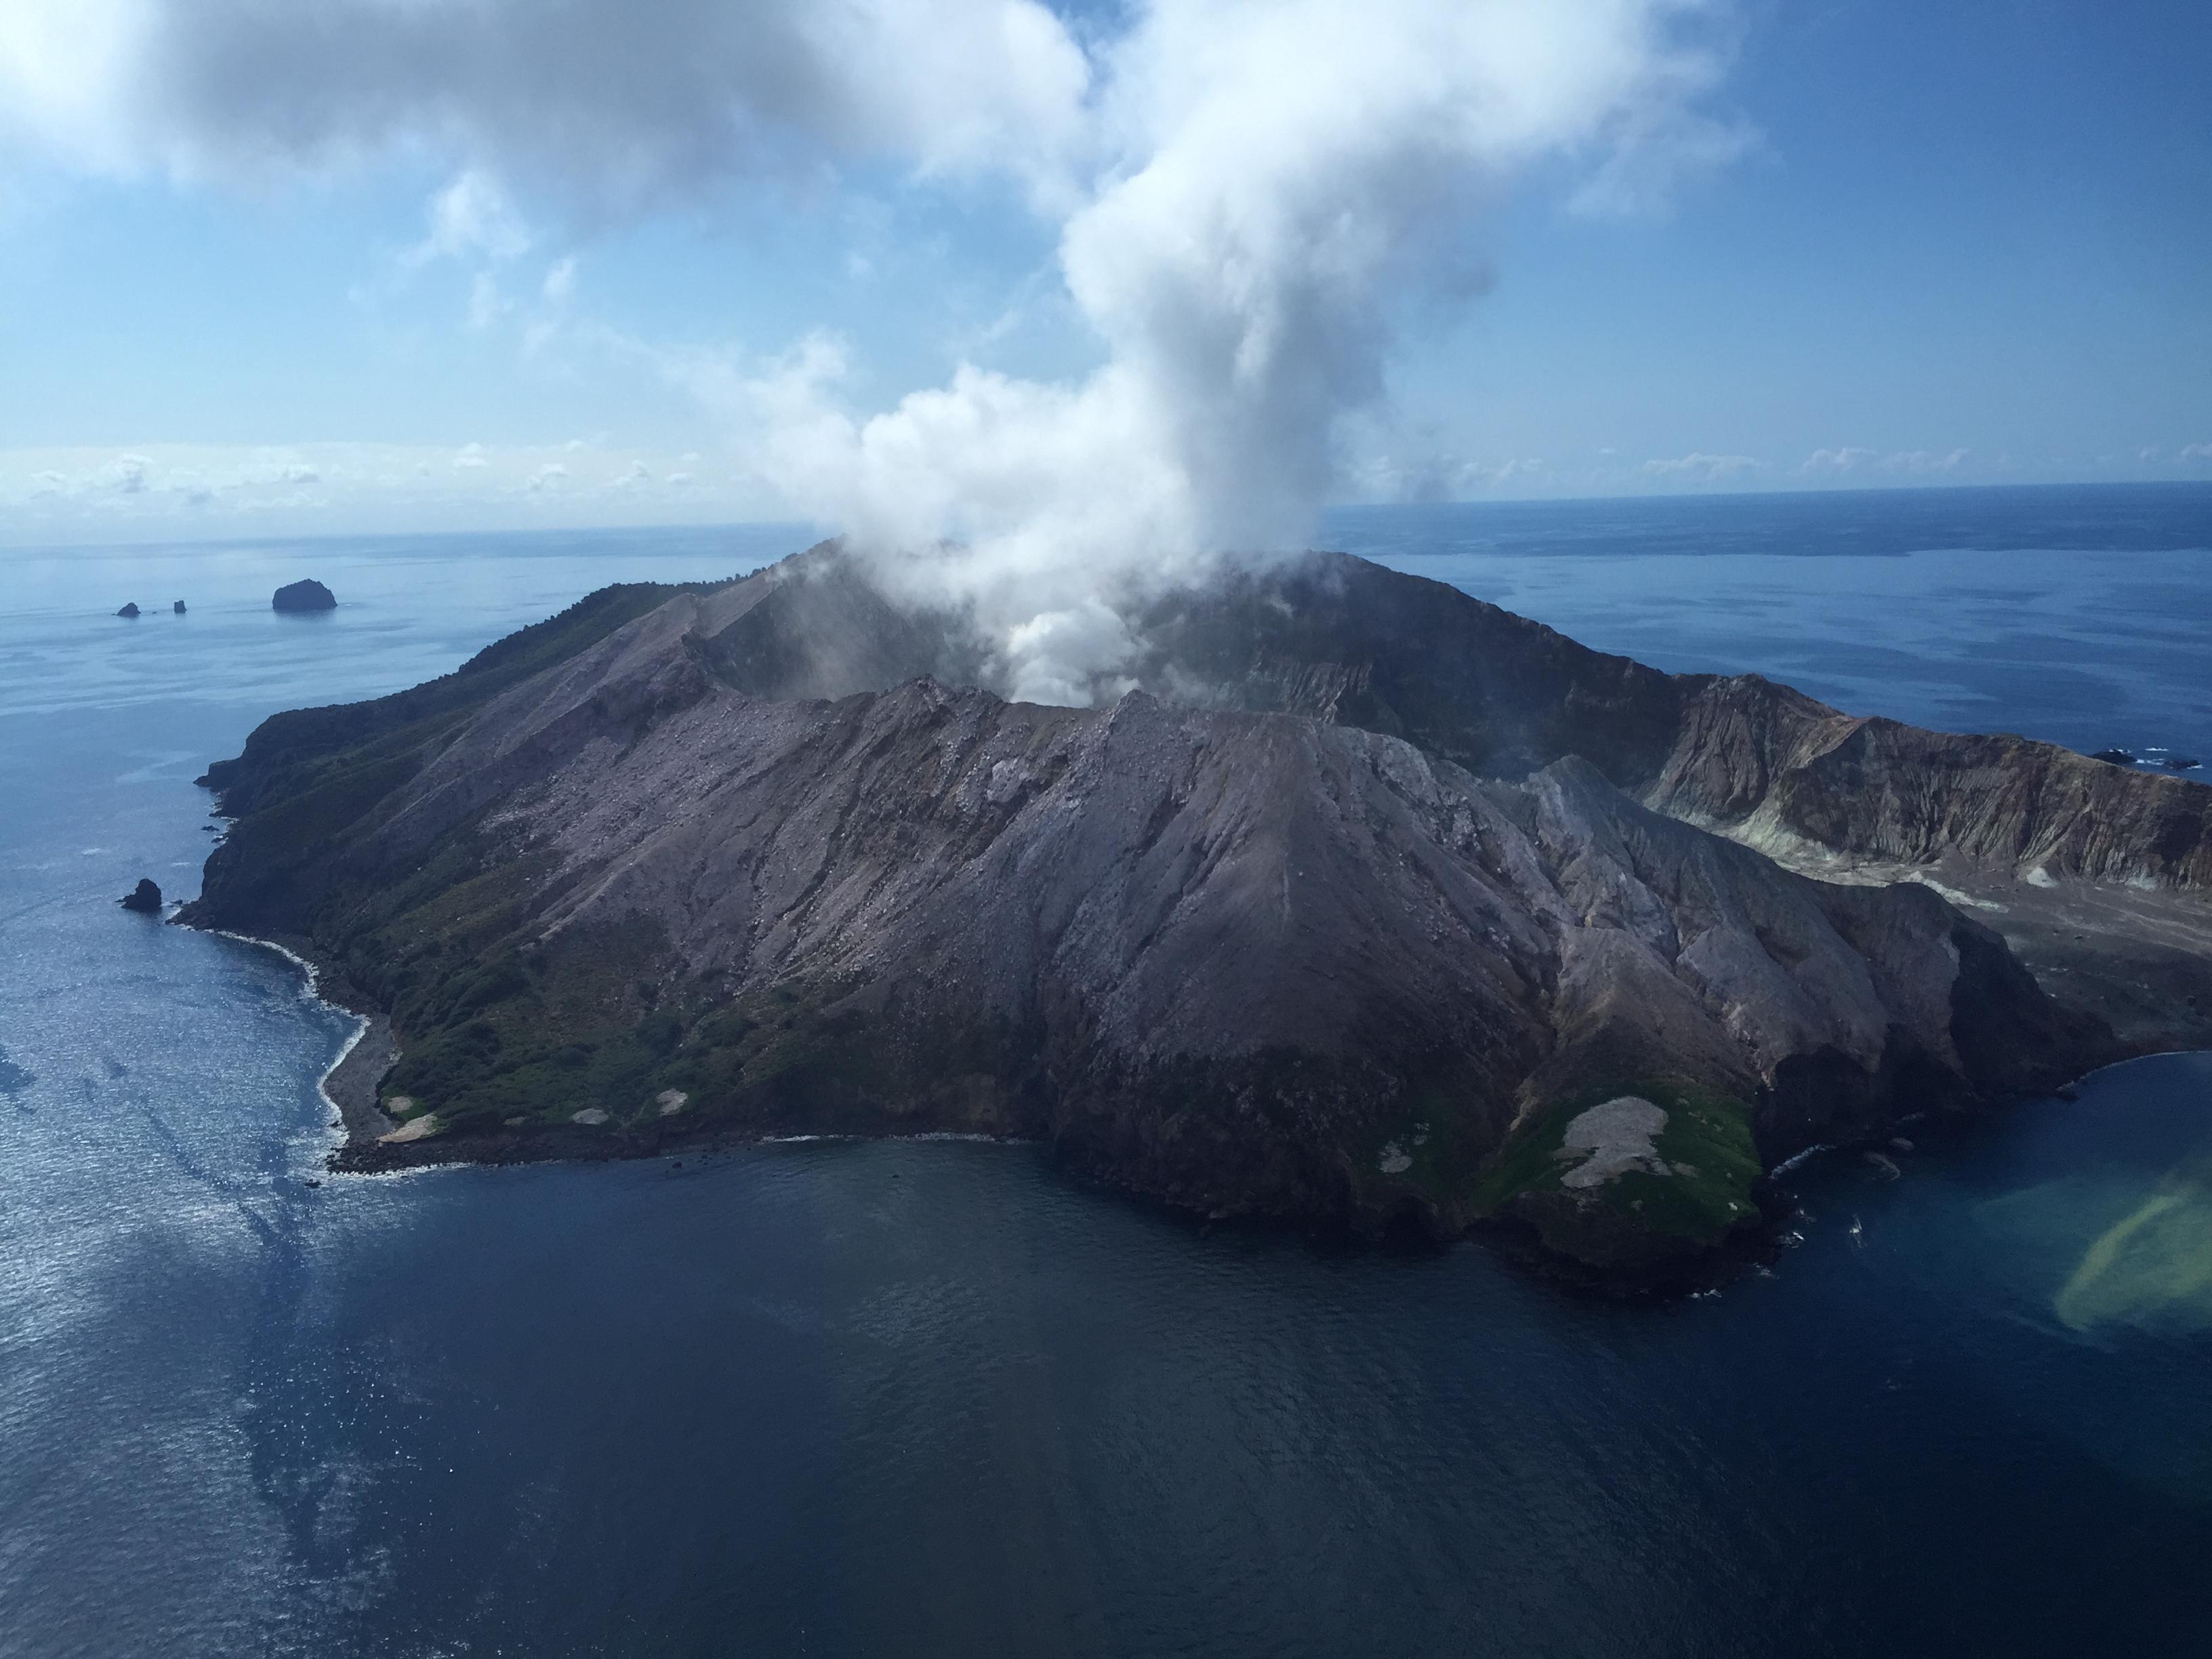 新西兰怀特岛火山突然喷发已致一人死亡